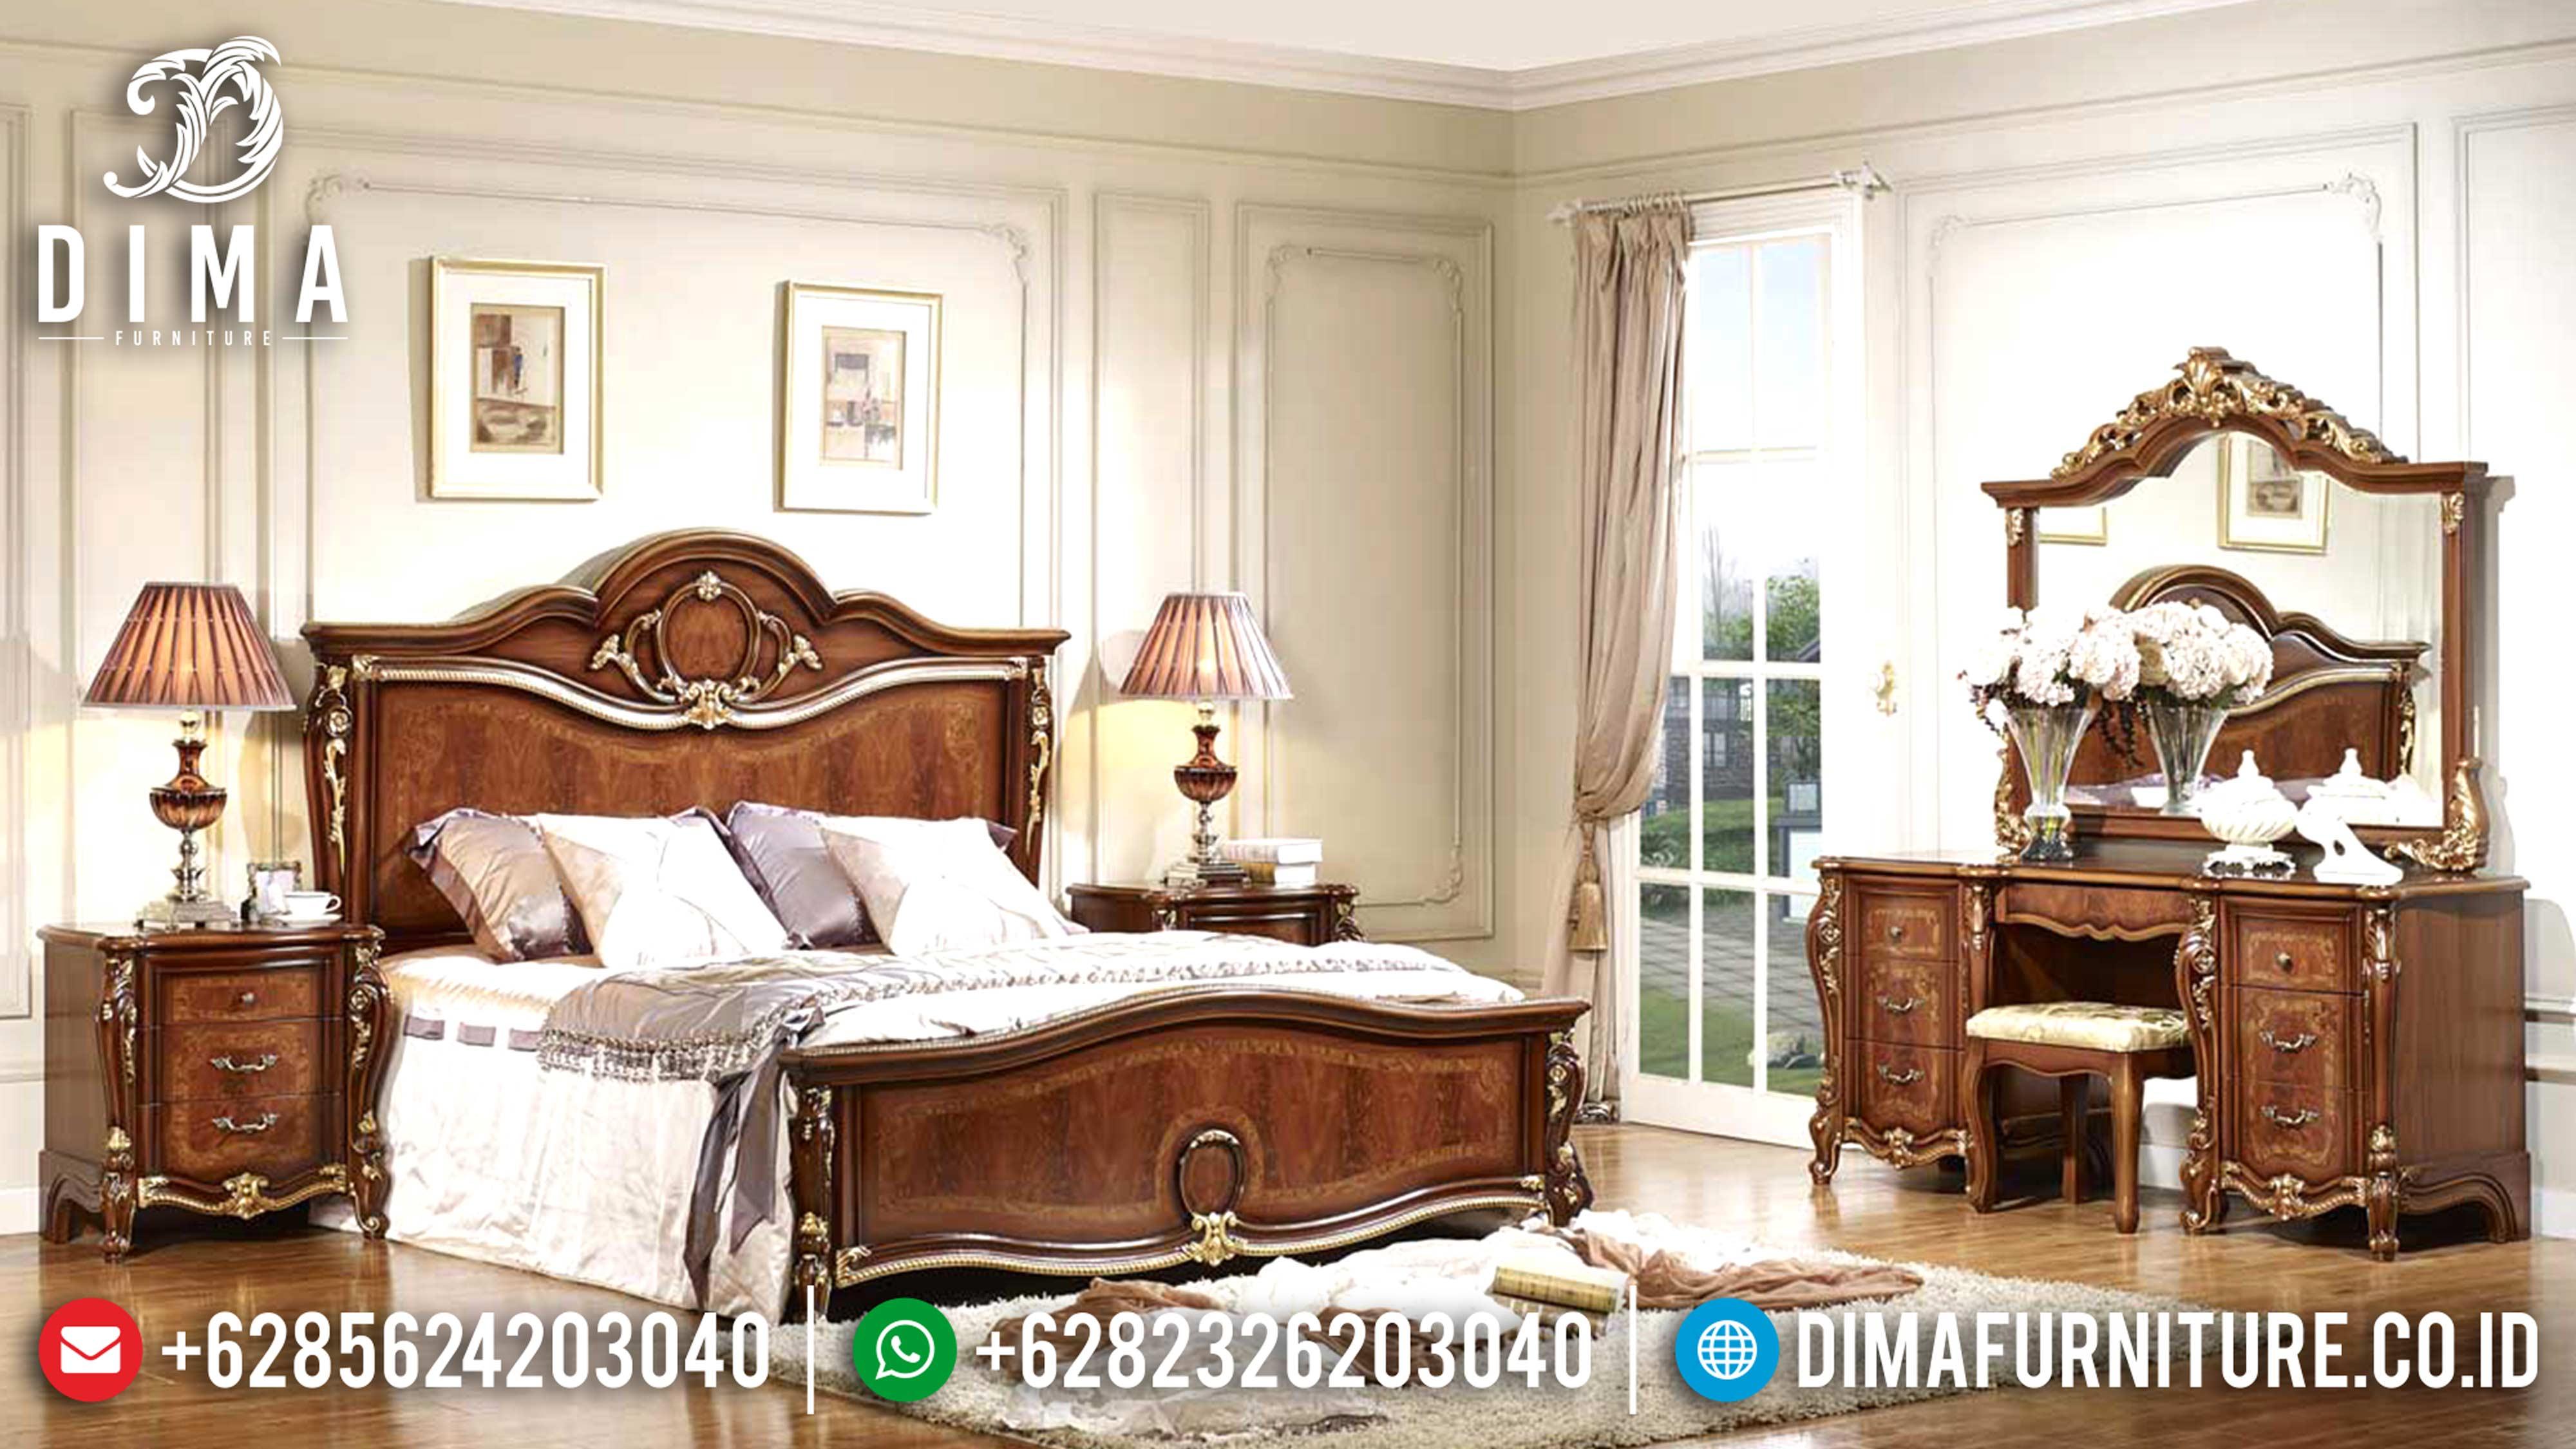 Furniture Klasik 1 Set Tempat Tidur Mewah Jepara Jati TPK Tiziano DF-0602